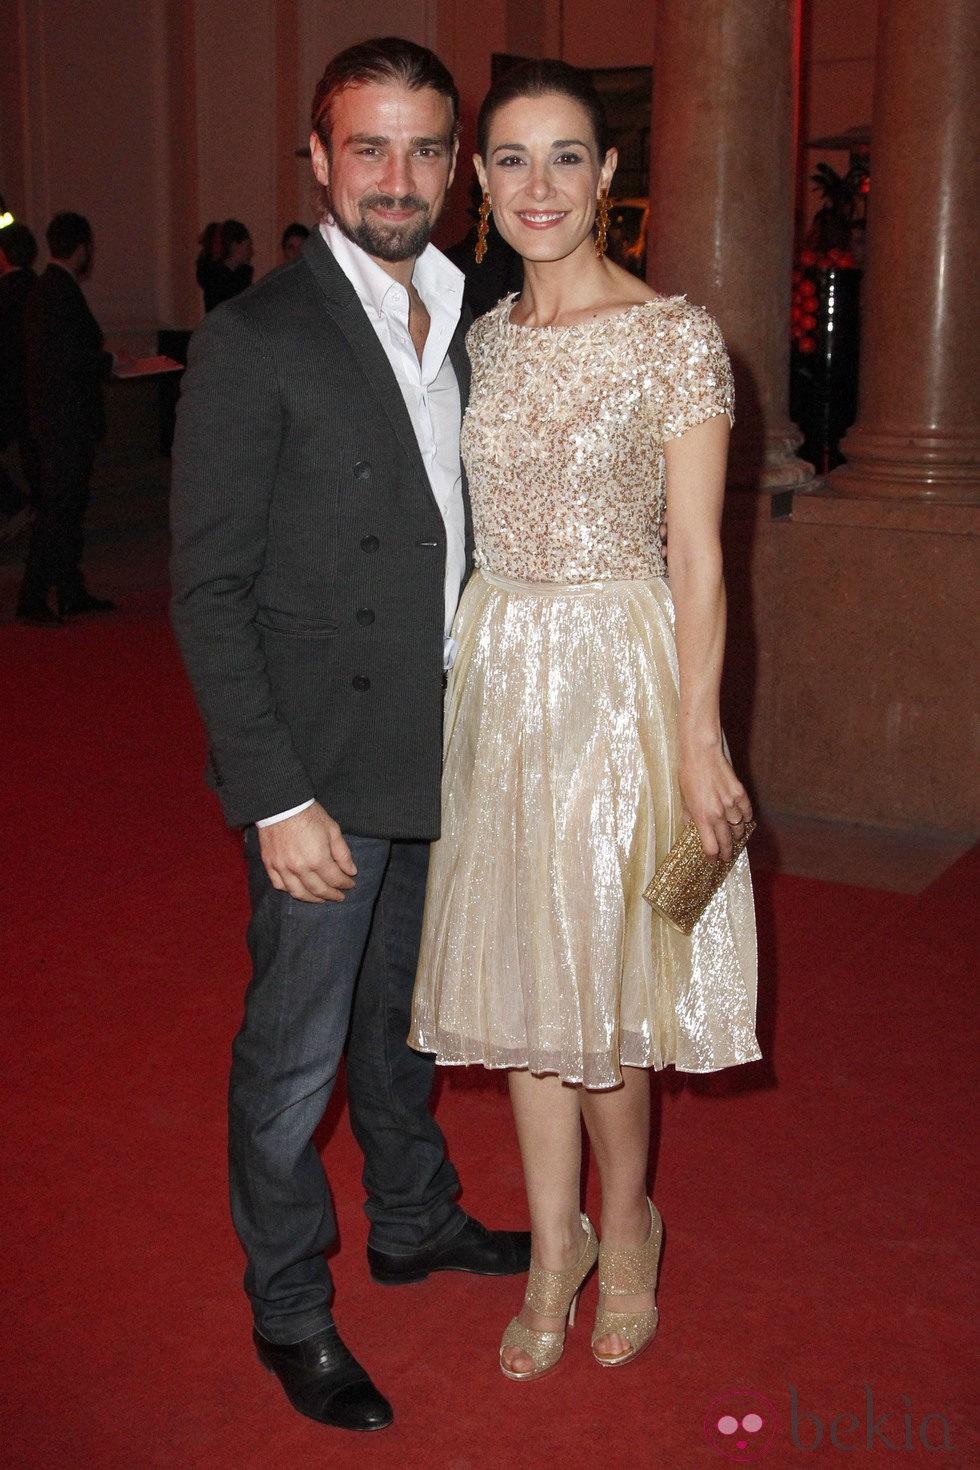 Raquel Sánchez Silva y Mario Biondo en la presentación del número de diciembre 2012 de Vogue España